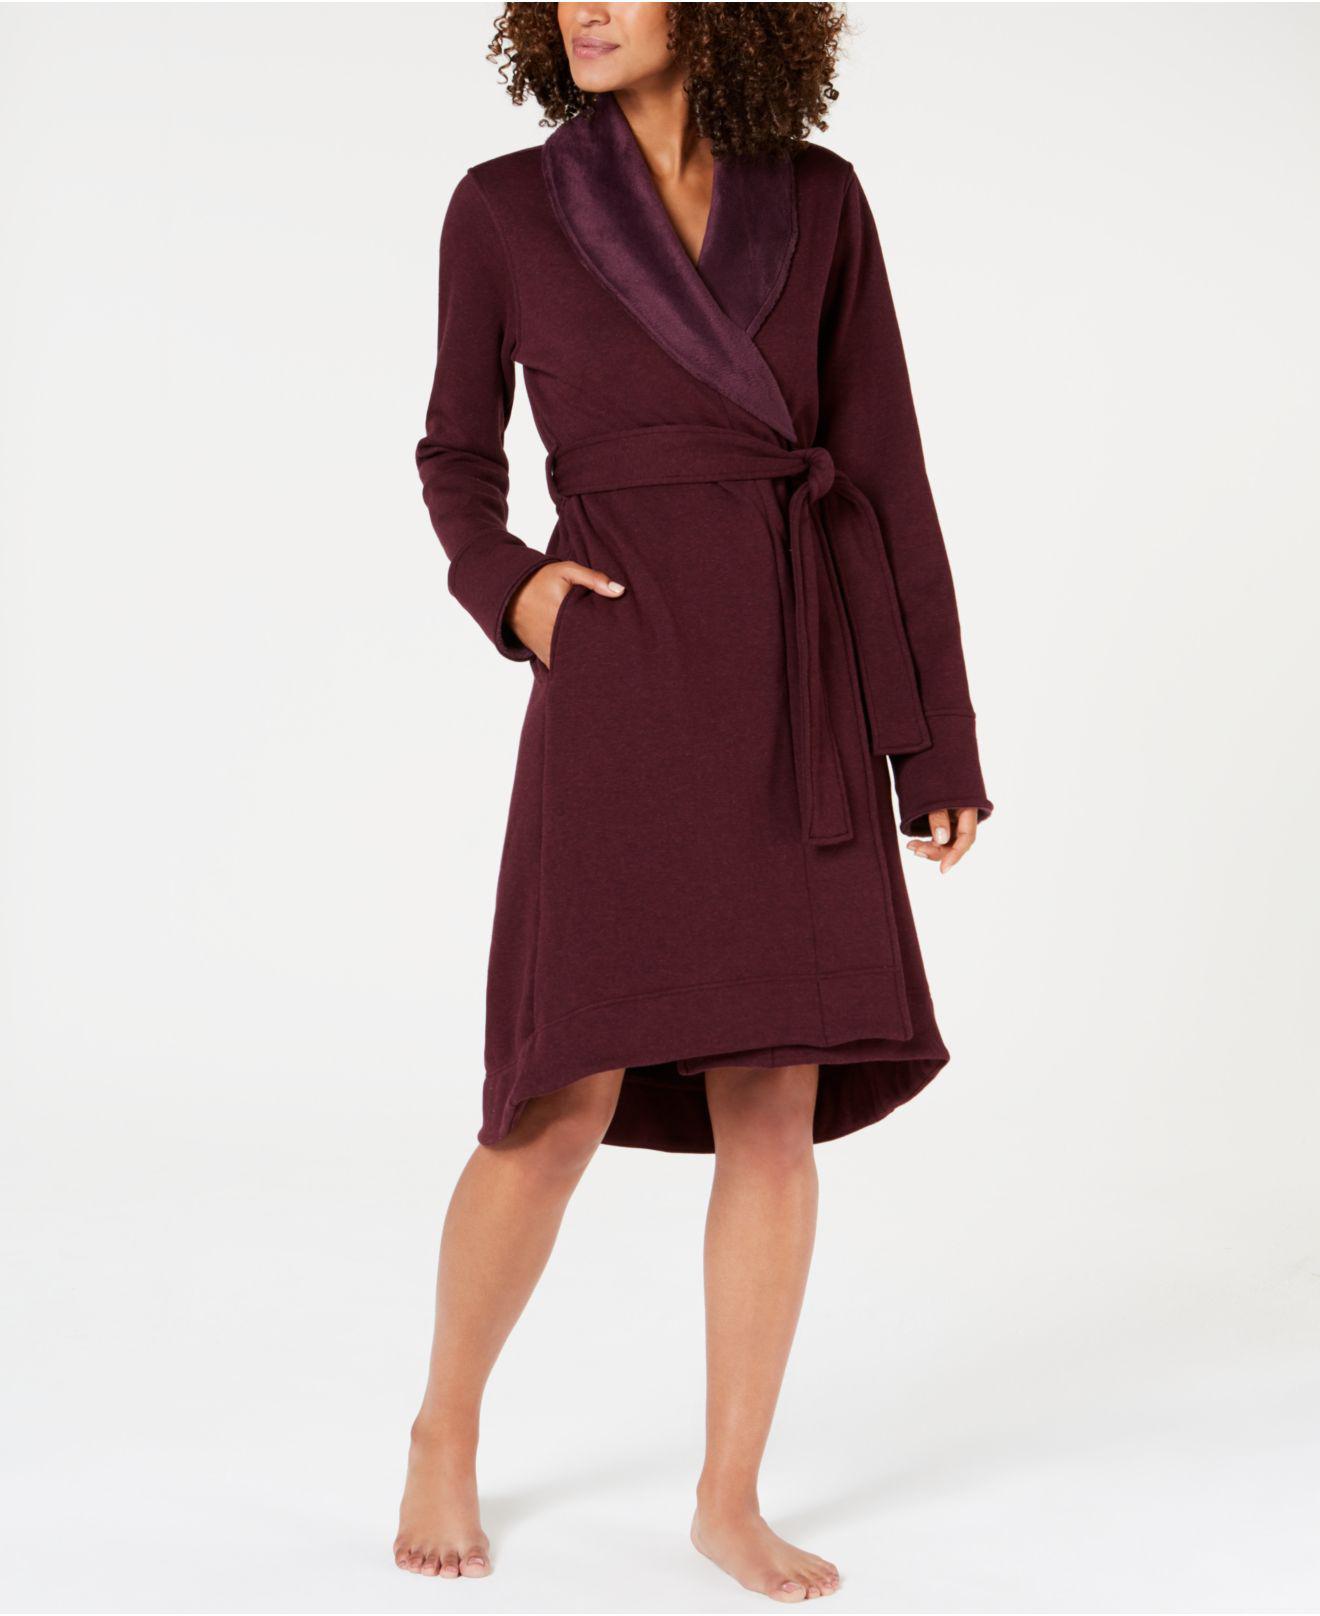 Lyst - UGG Duffield Ii Wrap Robe in Red 4fe0236b1